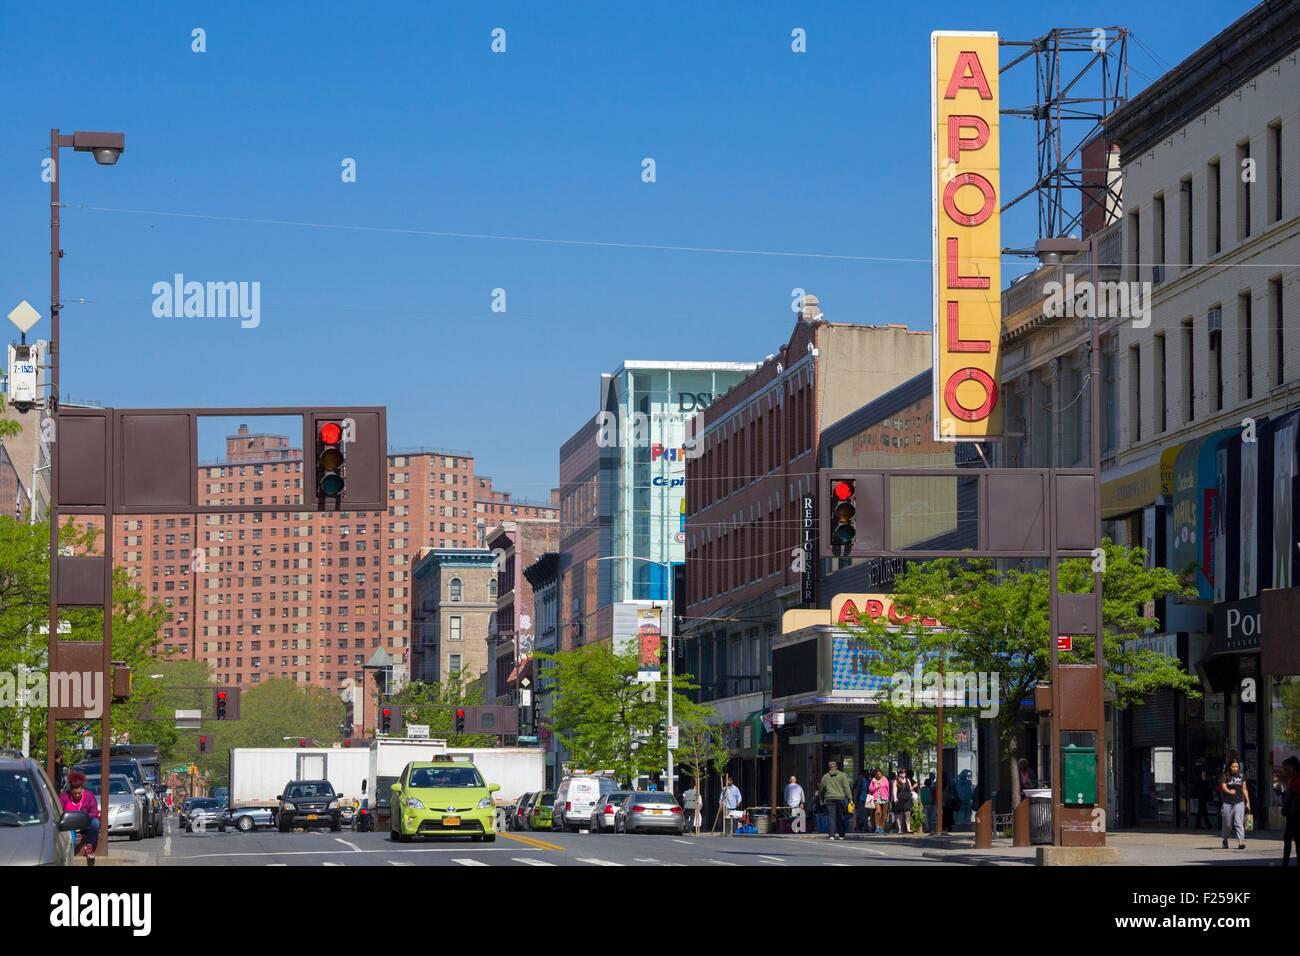 Estados Unidos, Nueva York, Manhattan, Harlem, 125th Street, el Teatro Apollo, Imagen De Stock